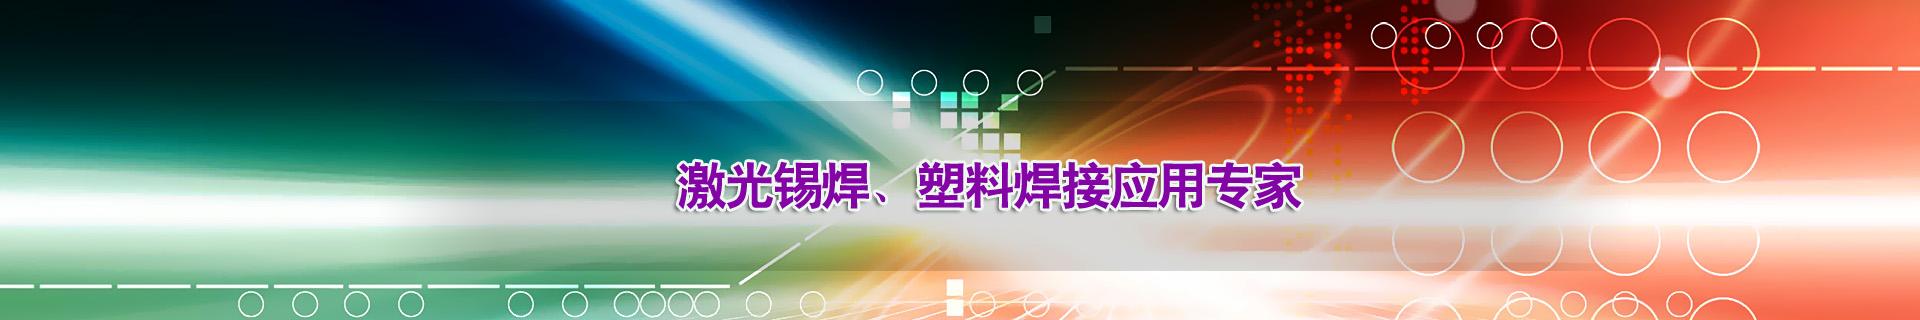 激光焊xi、塑料焊接应用专jia